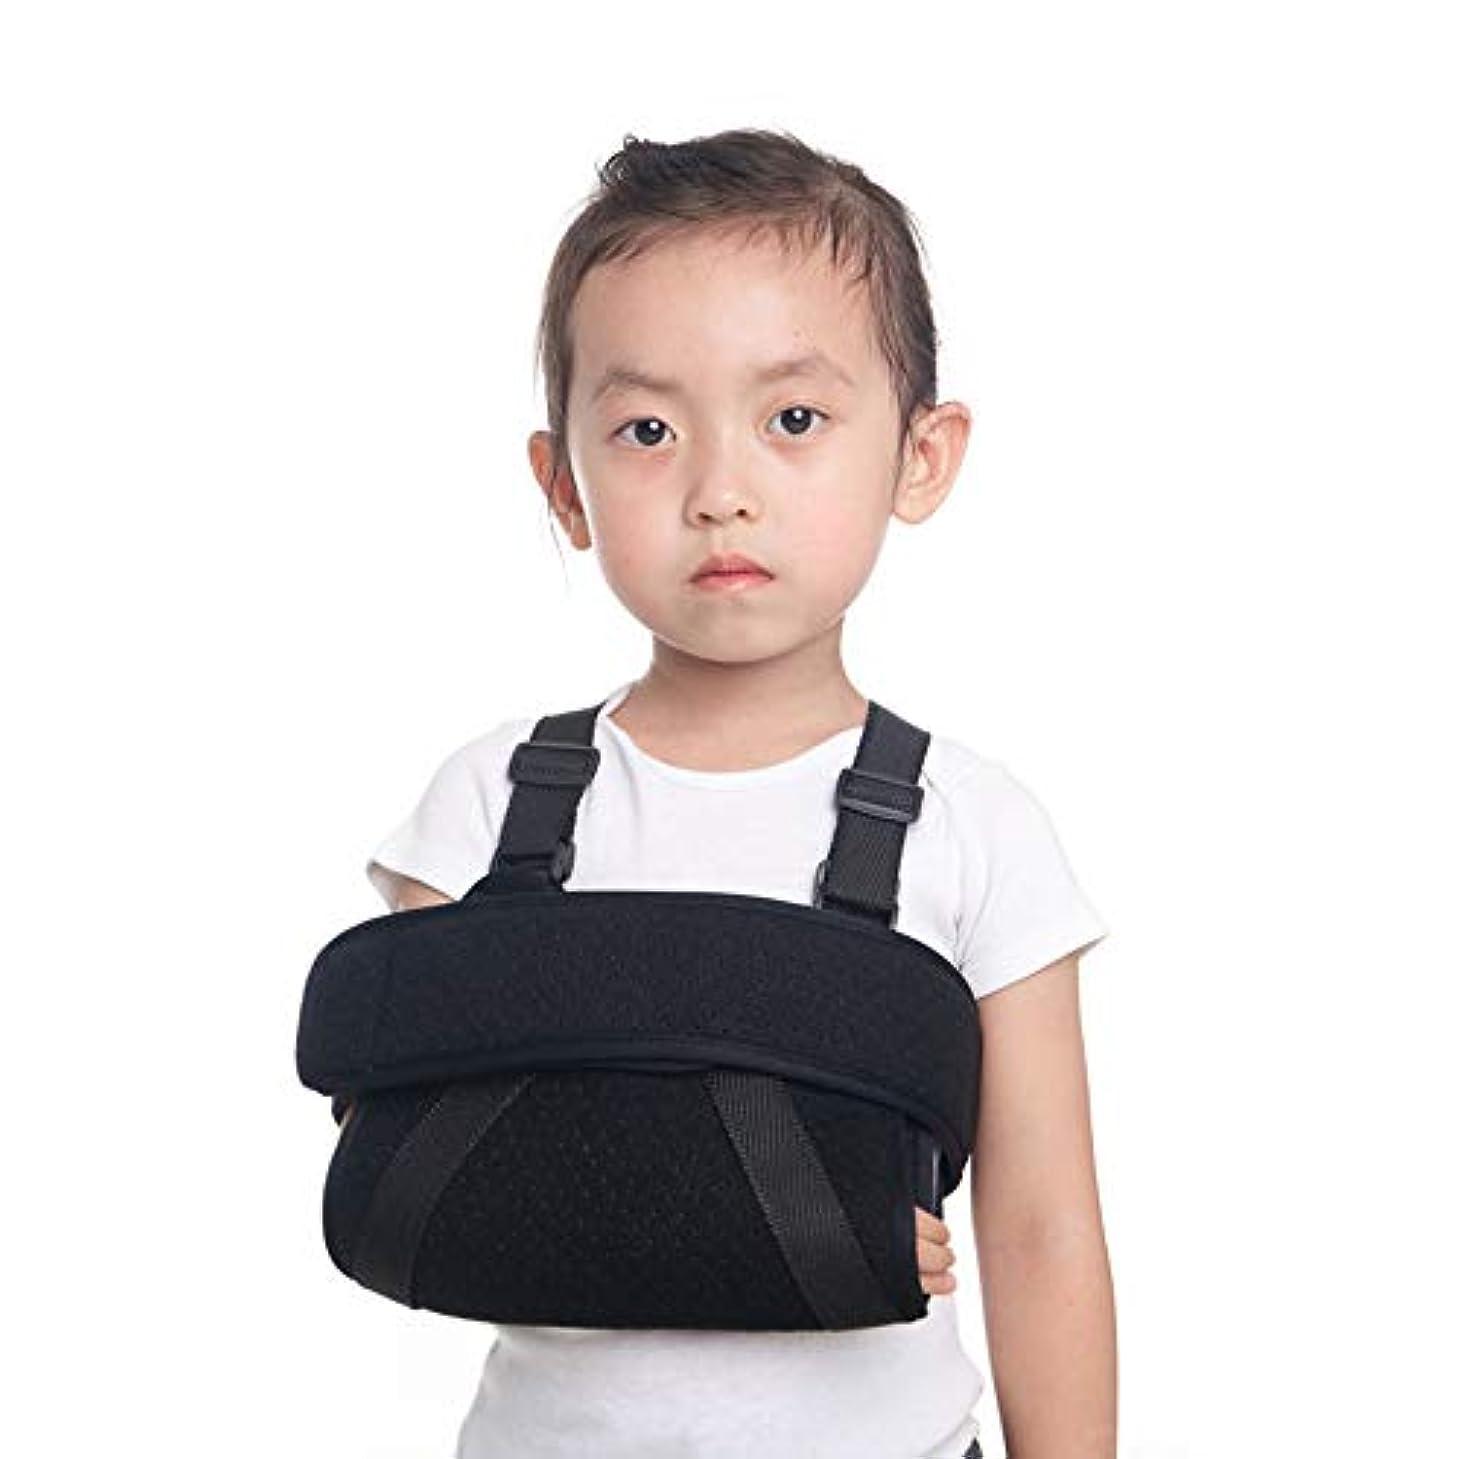 セラー厚い新しさキッズフラクチャリングスリング、アームエルボーフラクチャ固定ブレース、6-10歳の子供の 手首脱臼保護サポート,S